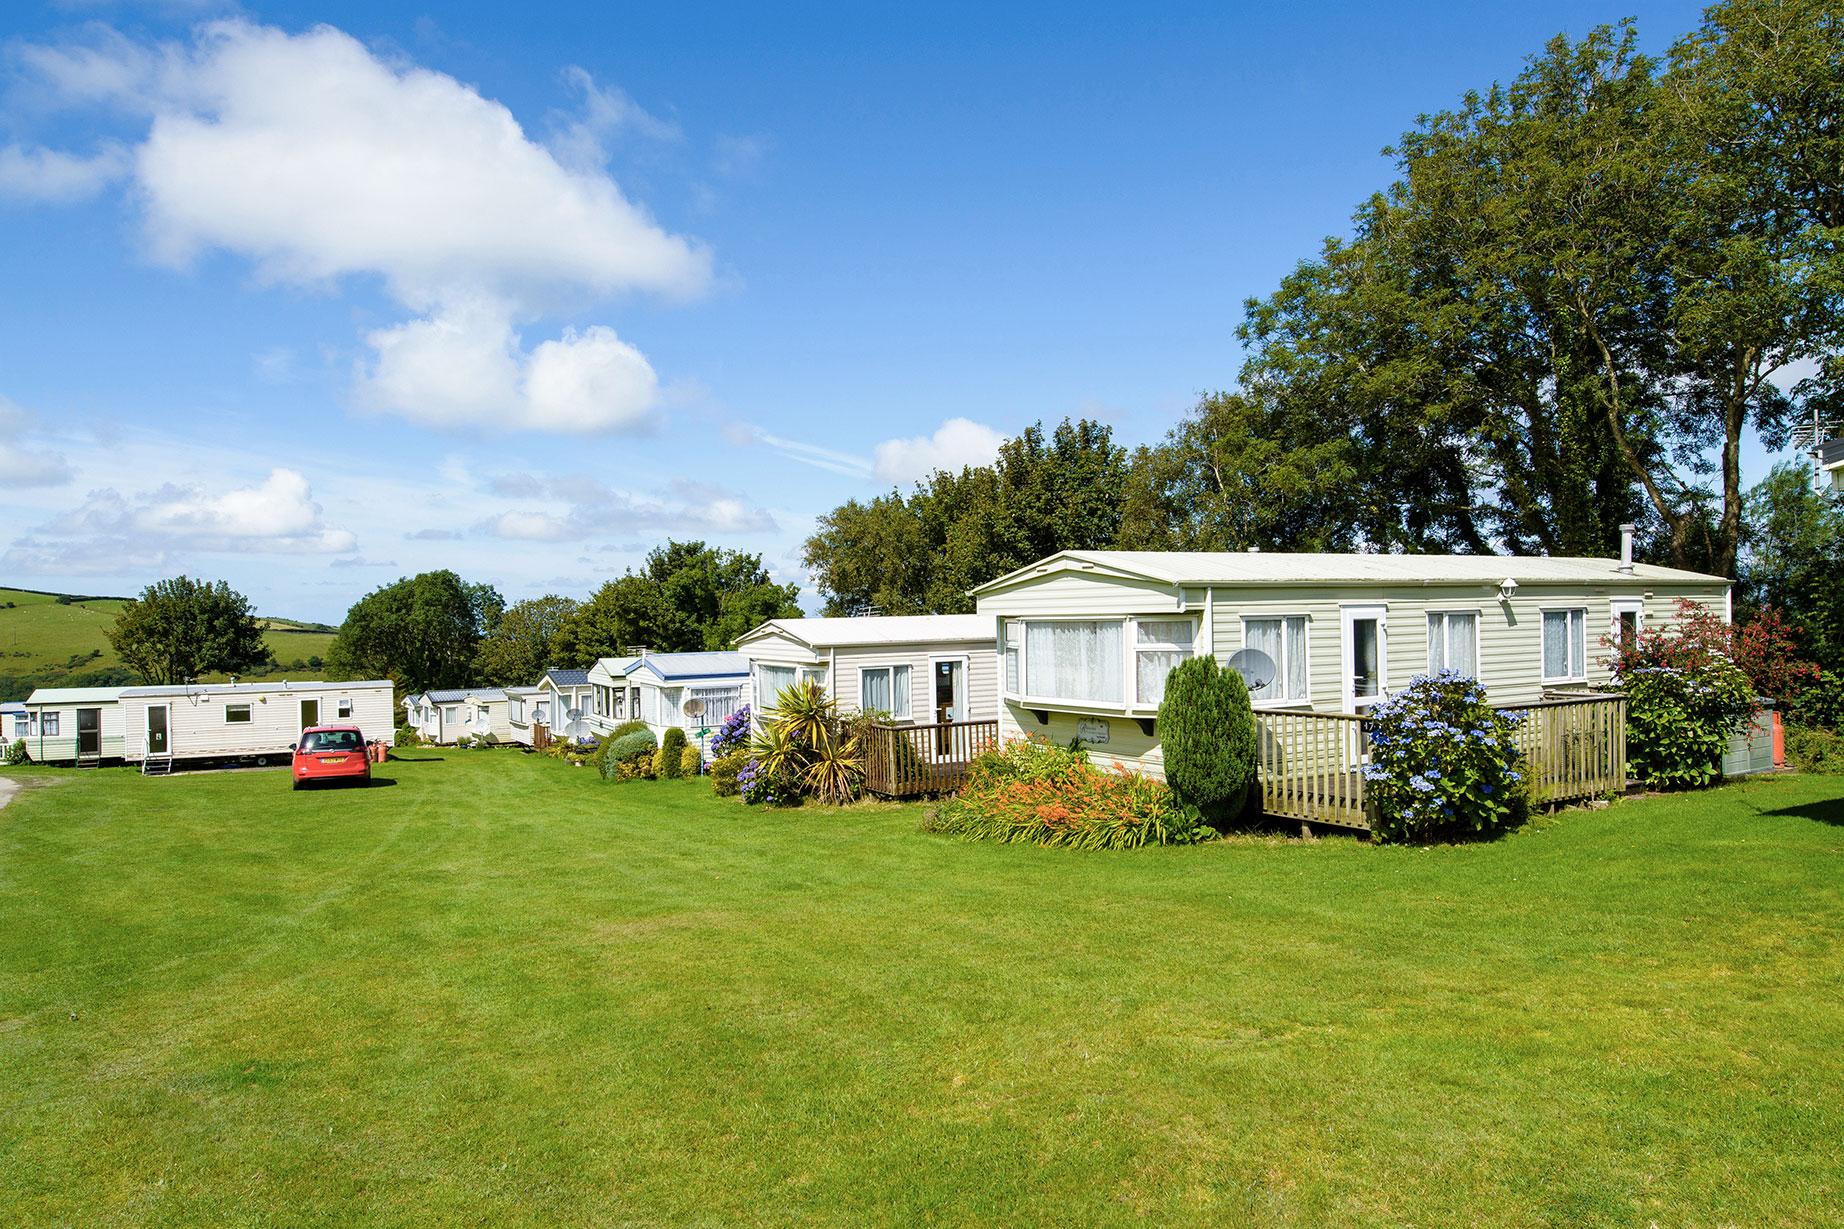 Holiday Homes Caravans North Devon